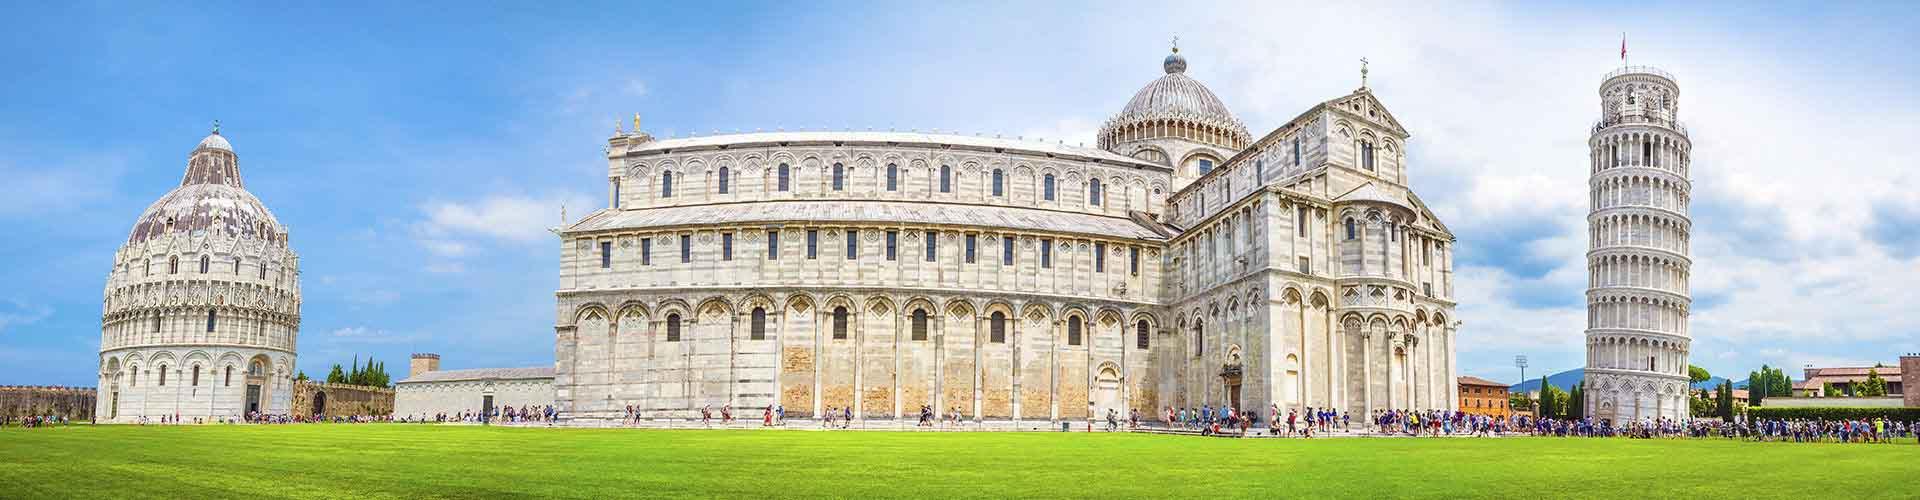 Pisa - Ubytovny v blízkosti Galileo Galilei letiště. Mapy pro Pisa, fotky a recenze pro každou Ubytovnu - Pisa.